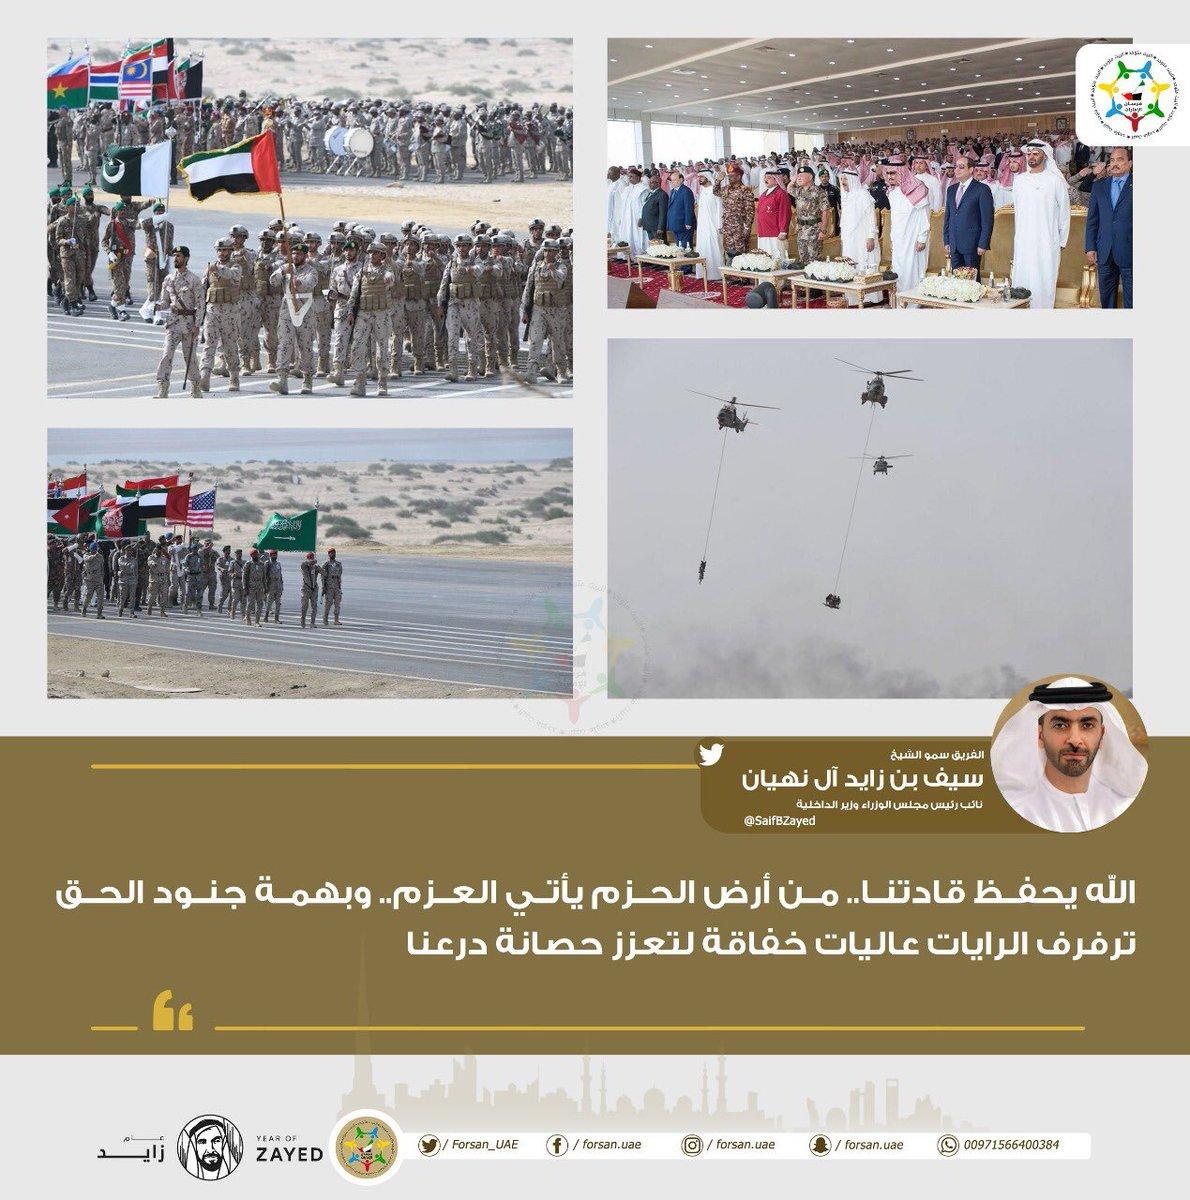 فرسان الإمارات's photo on #درع_الخليج_المشترك1